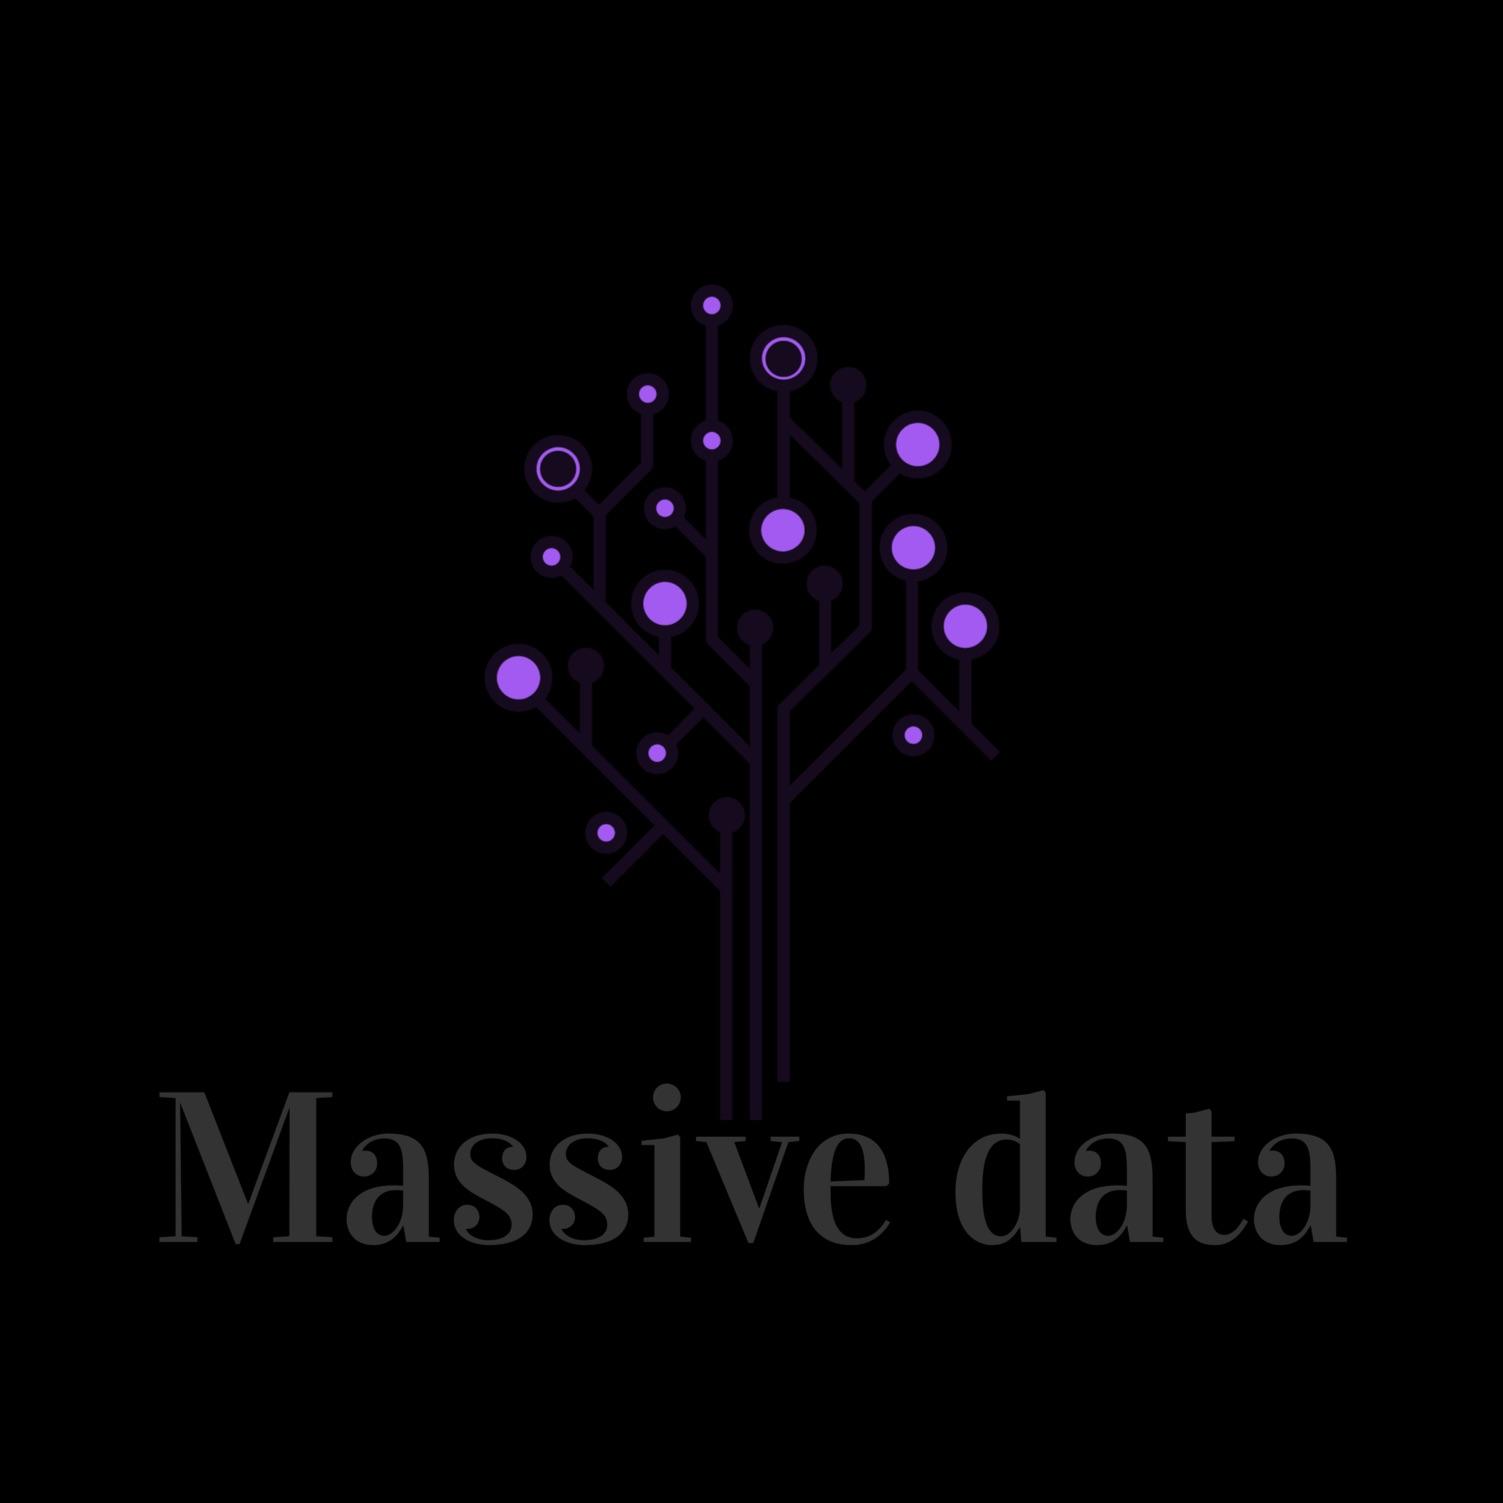 massivedata